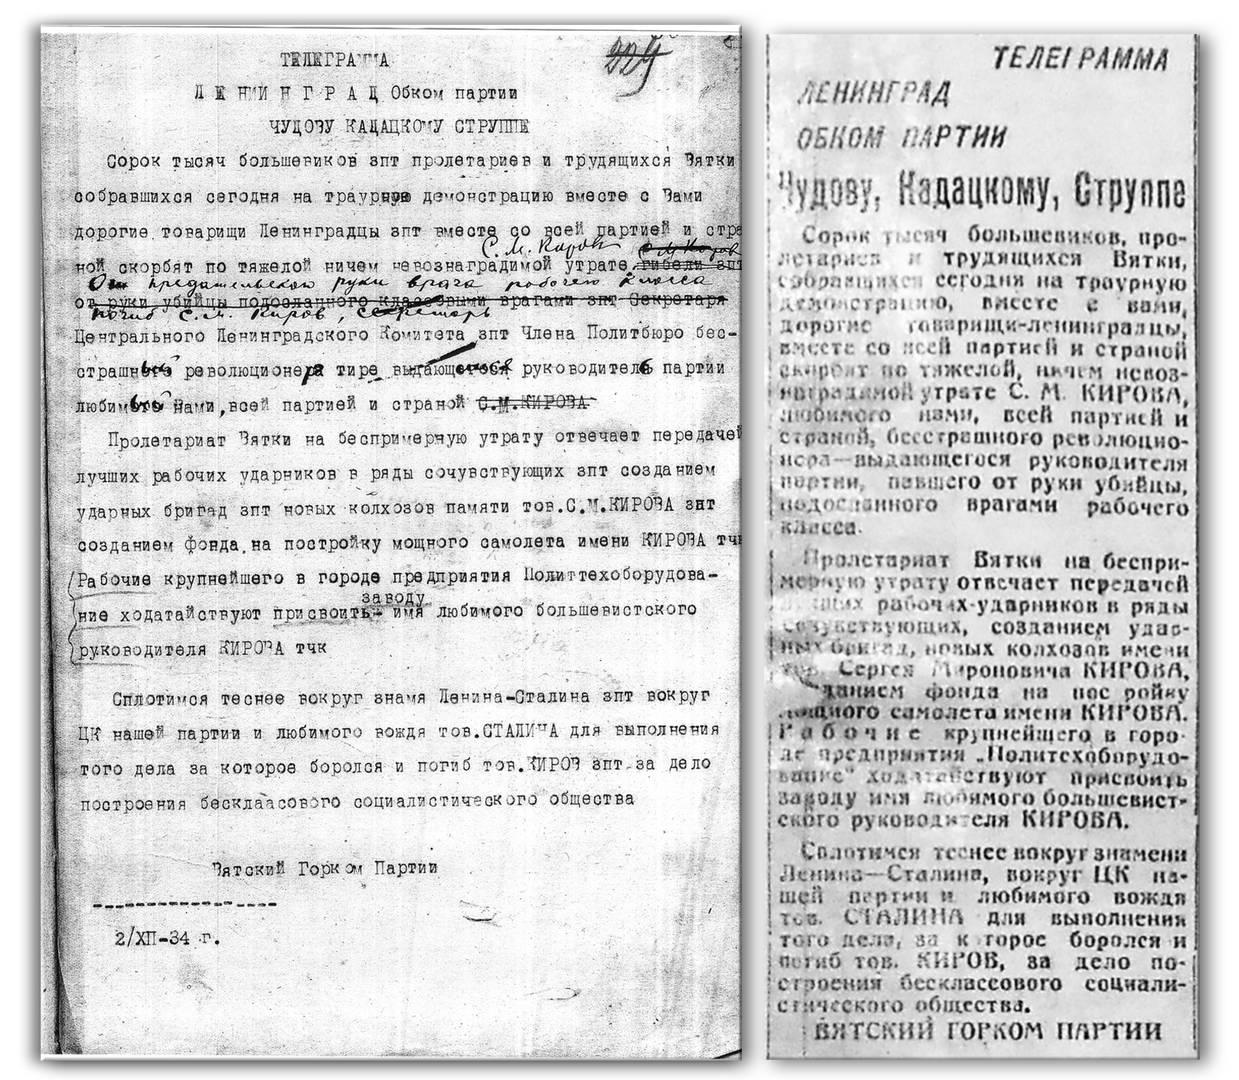 Черновик телеграммы от «Возрождения Вятки» и оригинальный текст телеграммы из газеты «Вятская правда» от 3 декабря 1934г.